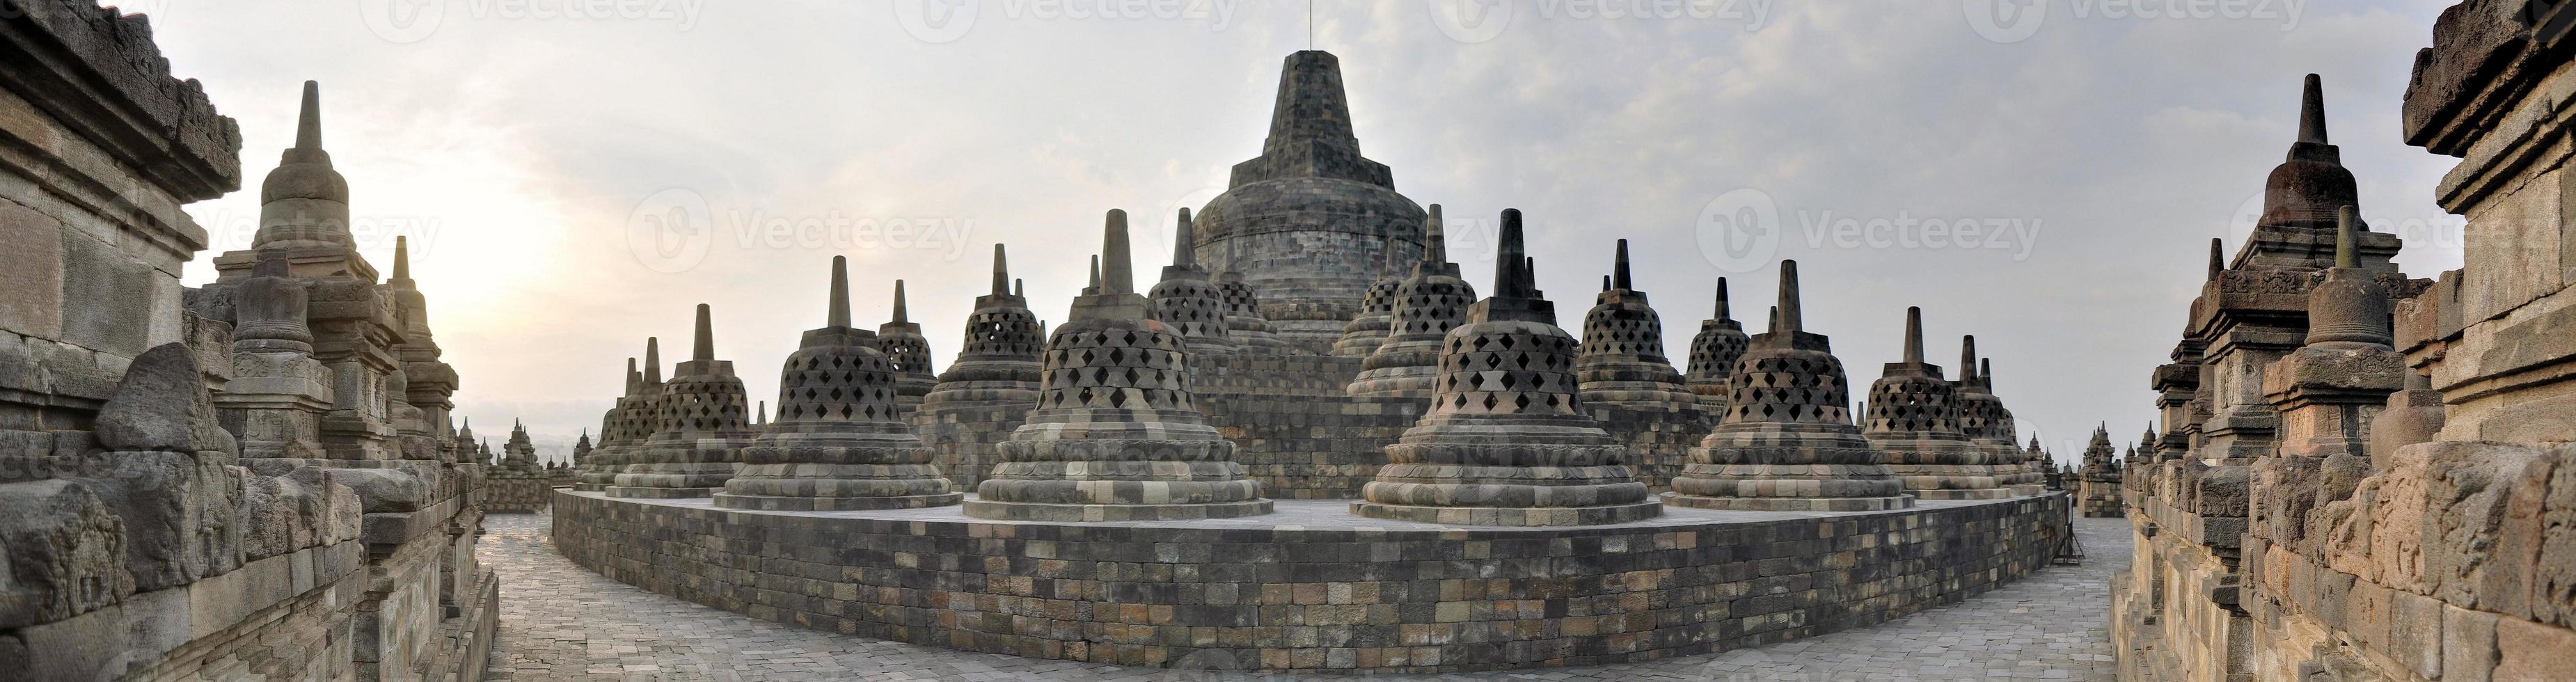 Panorama des Borobudur-Tempels auf der Java-Insel foto